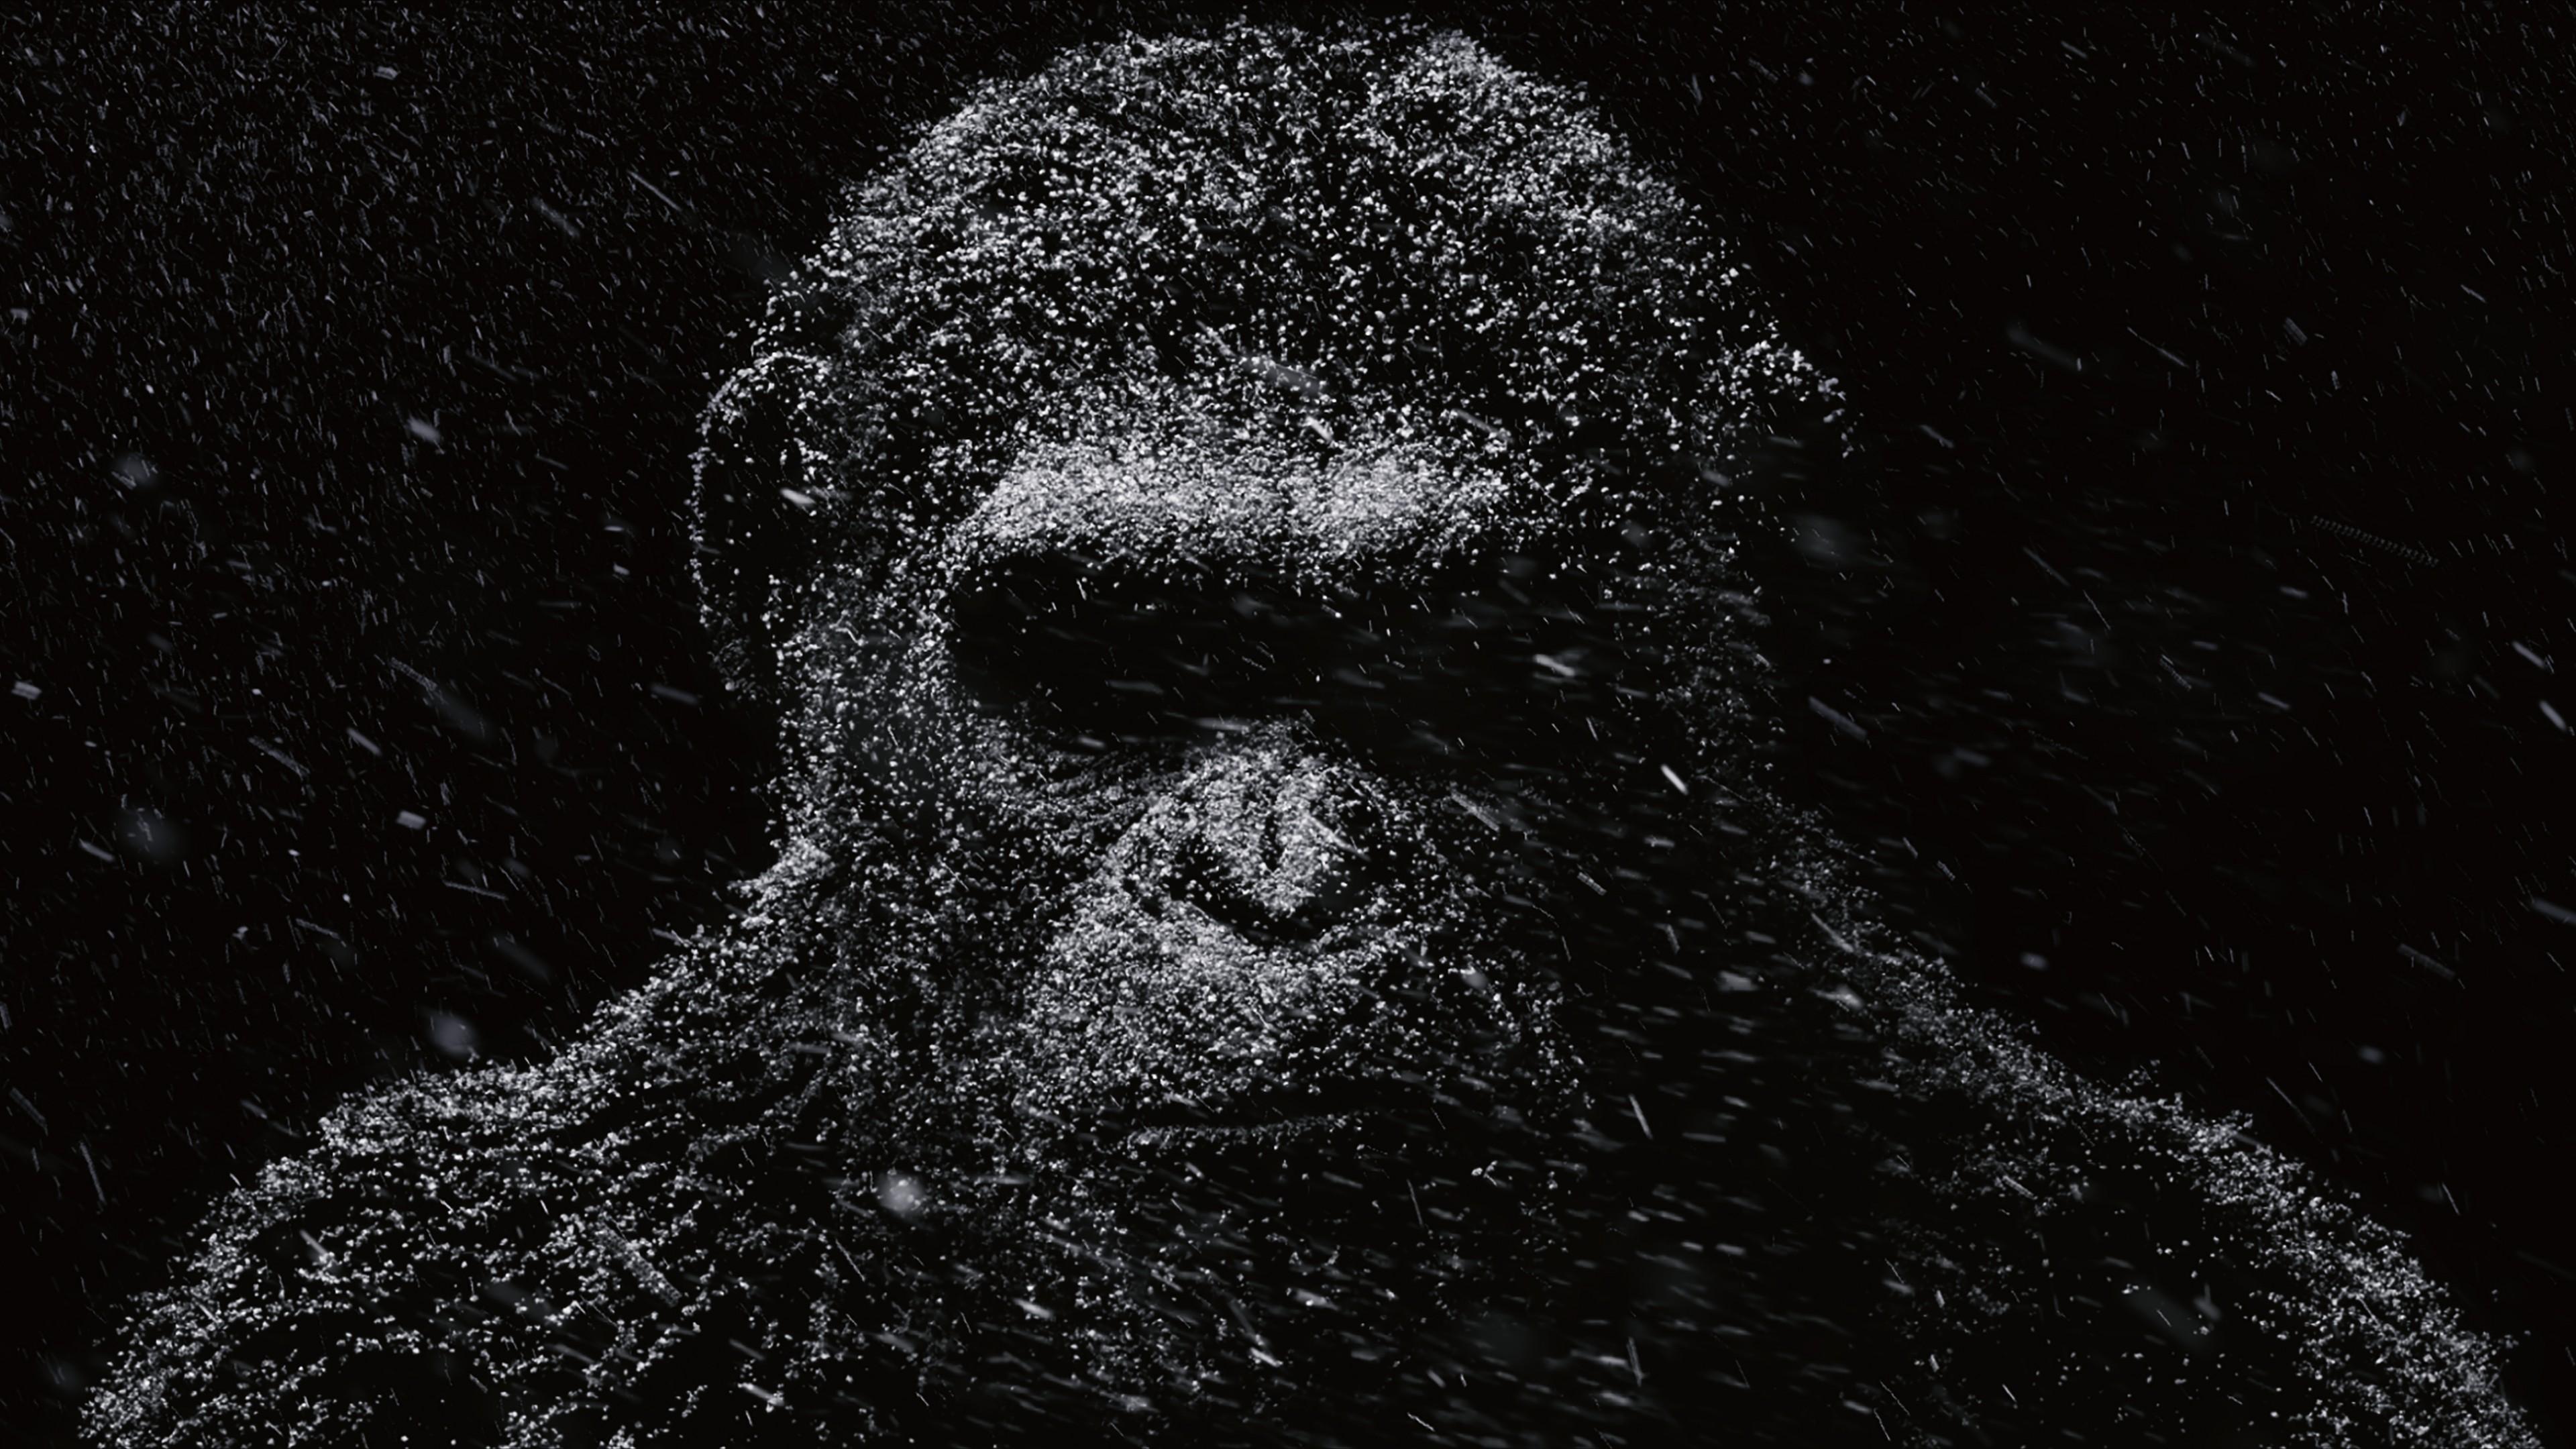 Черная обезьяна с впавшими глазницами в отблесках лунного света